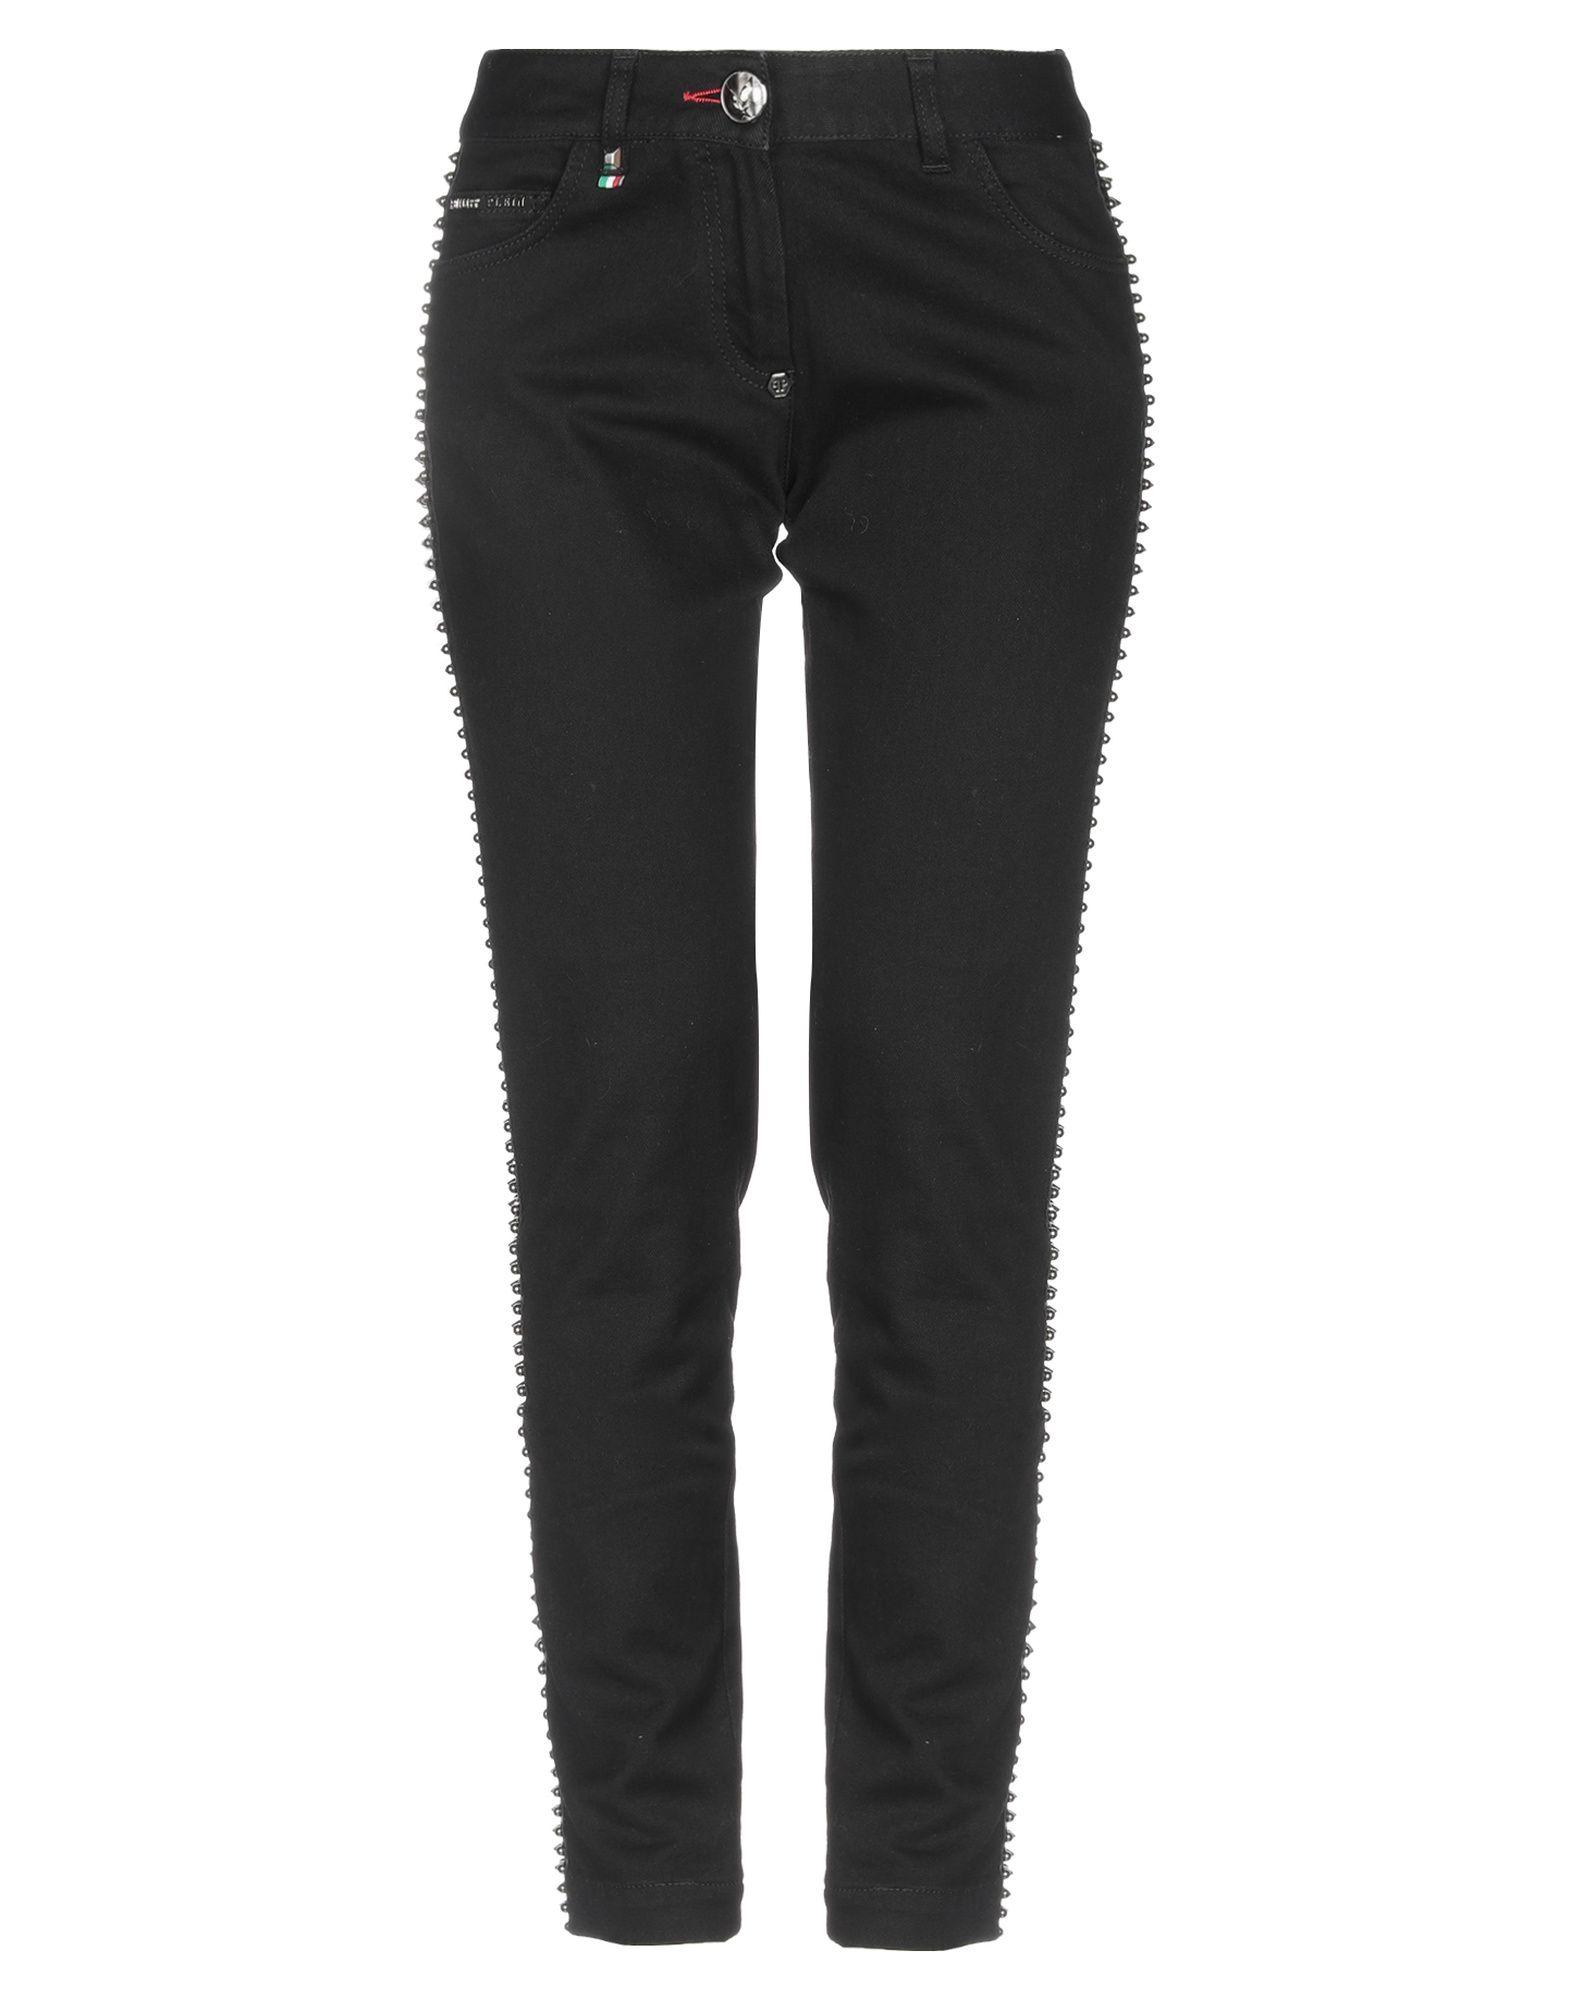 Pantaloni Jeans Philipp Plein donna donna donna - 42726164GX 56e